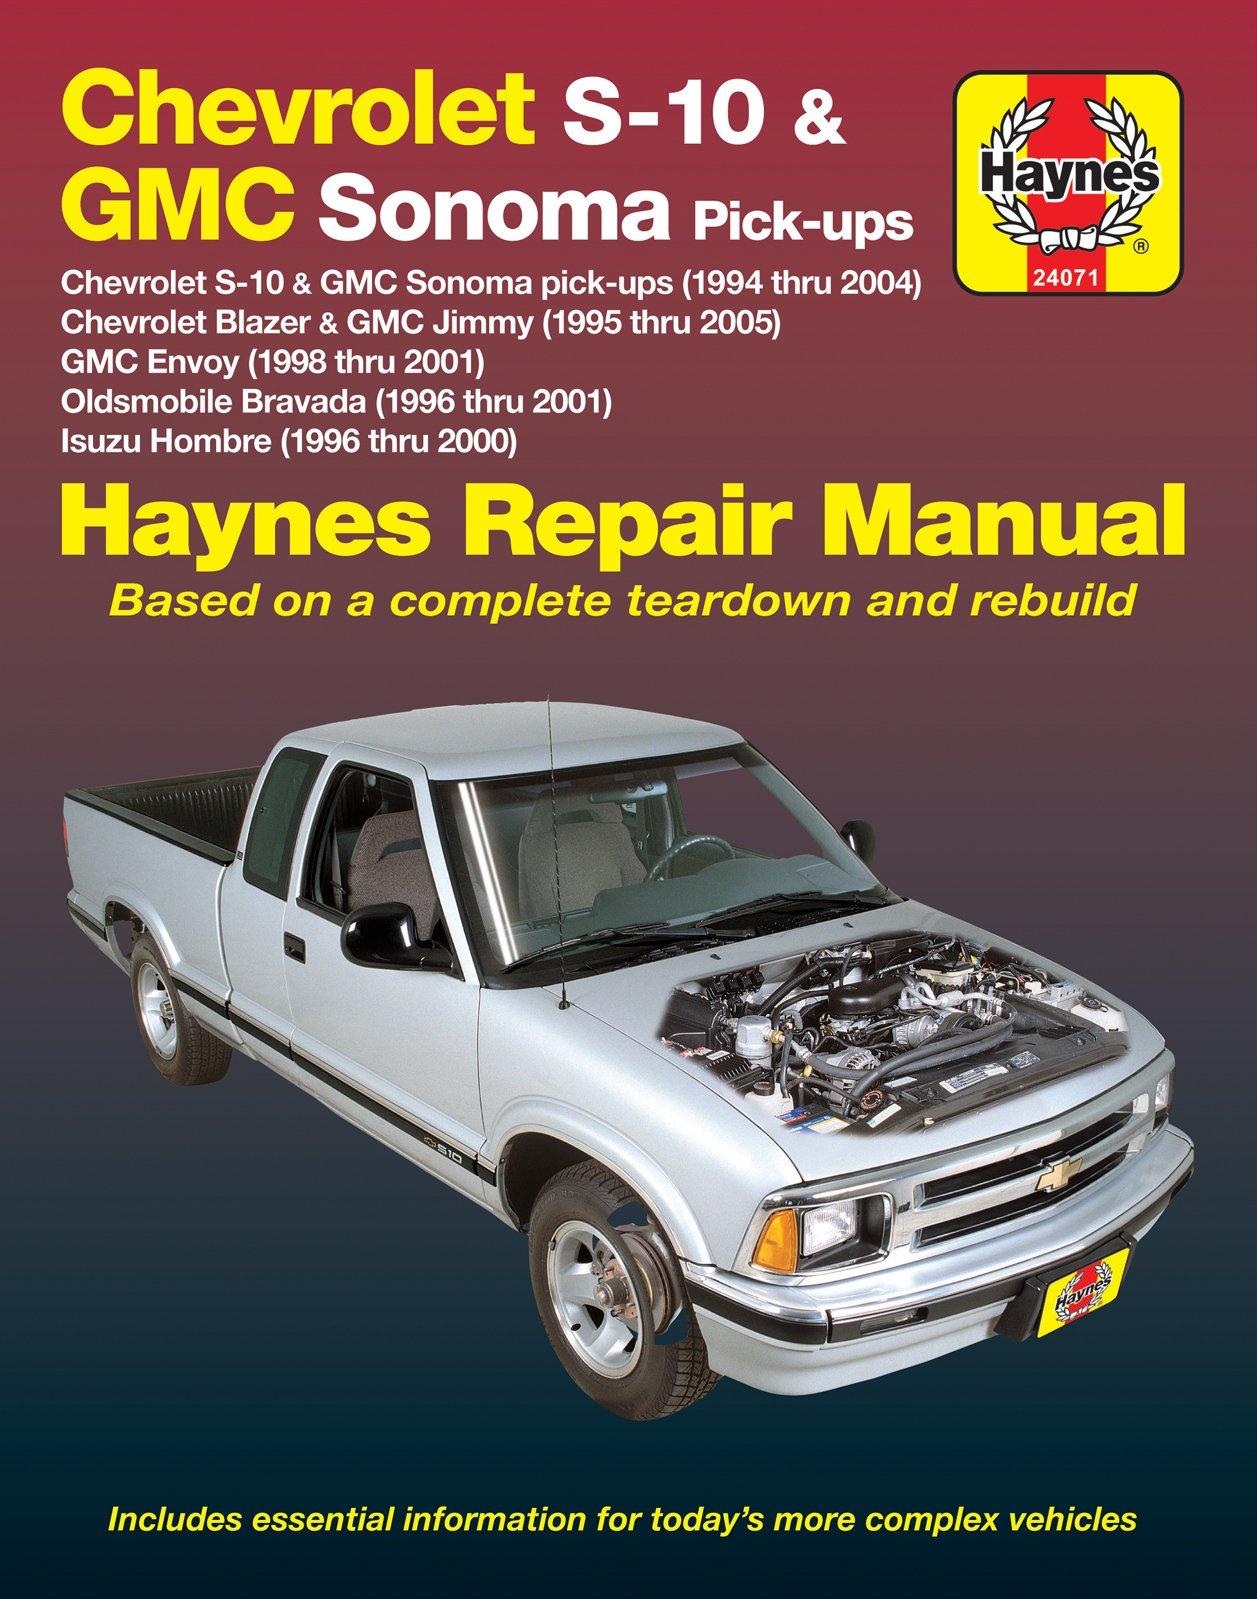 [Manuel US en Anglais] Chevrolet S-10 & GMC Somona Pick-ups  '94 -  '04